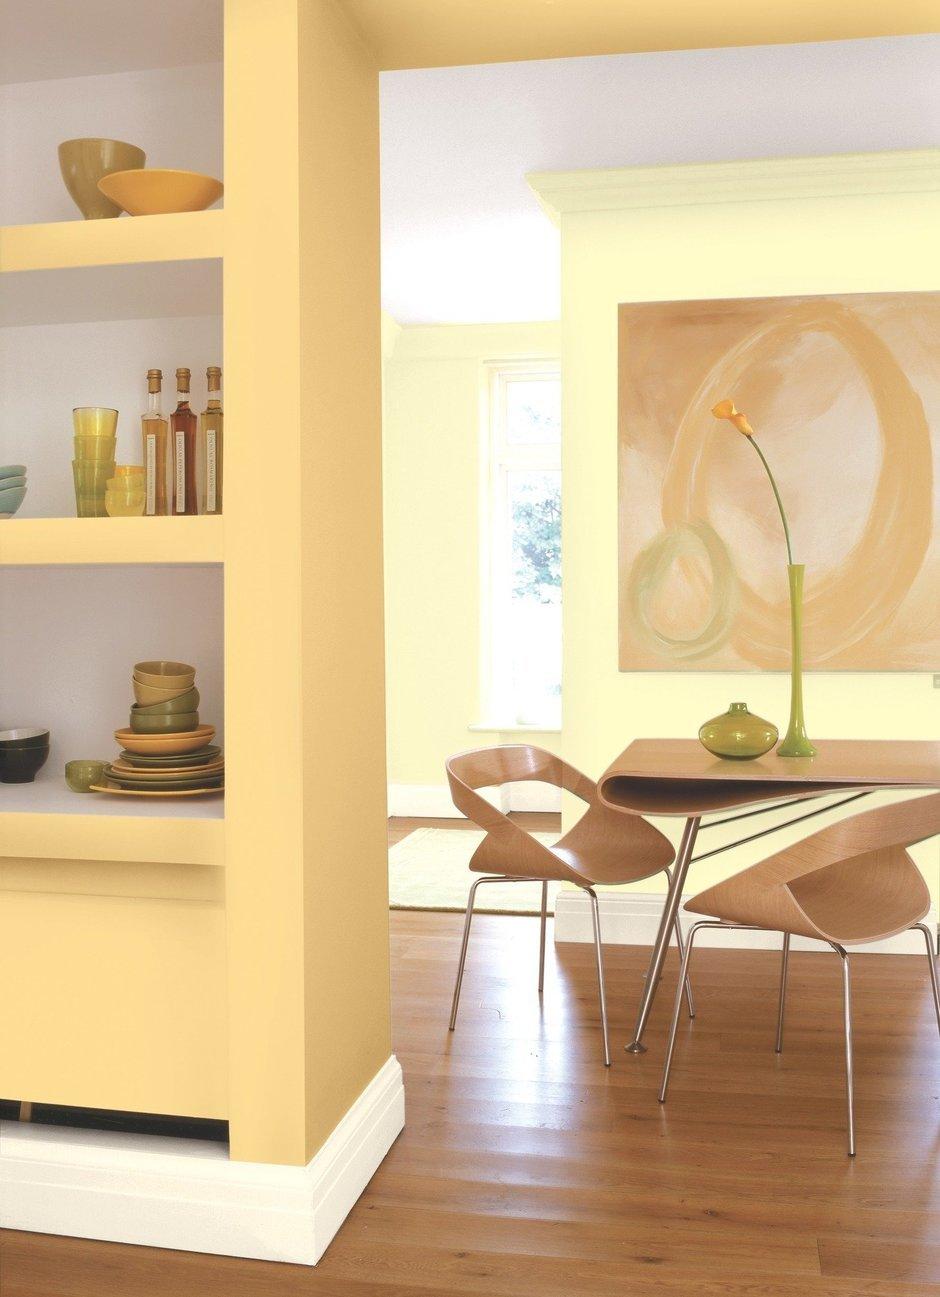 Фотография: Кухня и столовая в стиле Современный, Декор интерьера, Дизайн интерьера, Цвет в интерьере, Советы, Dulux, Оранжевый – фото на InMyRoom.ru